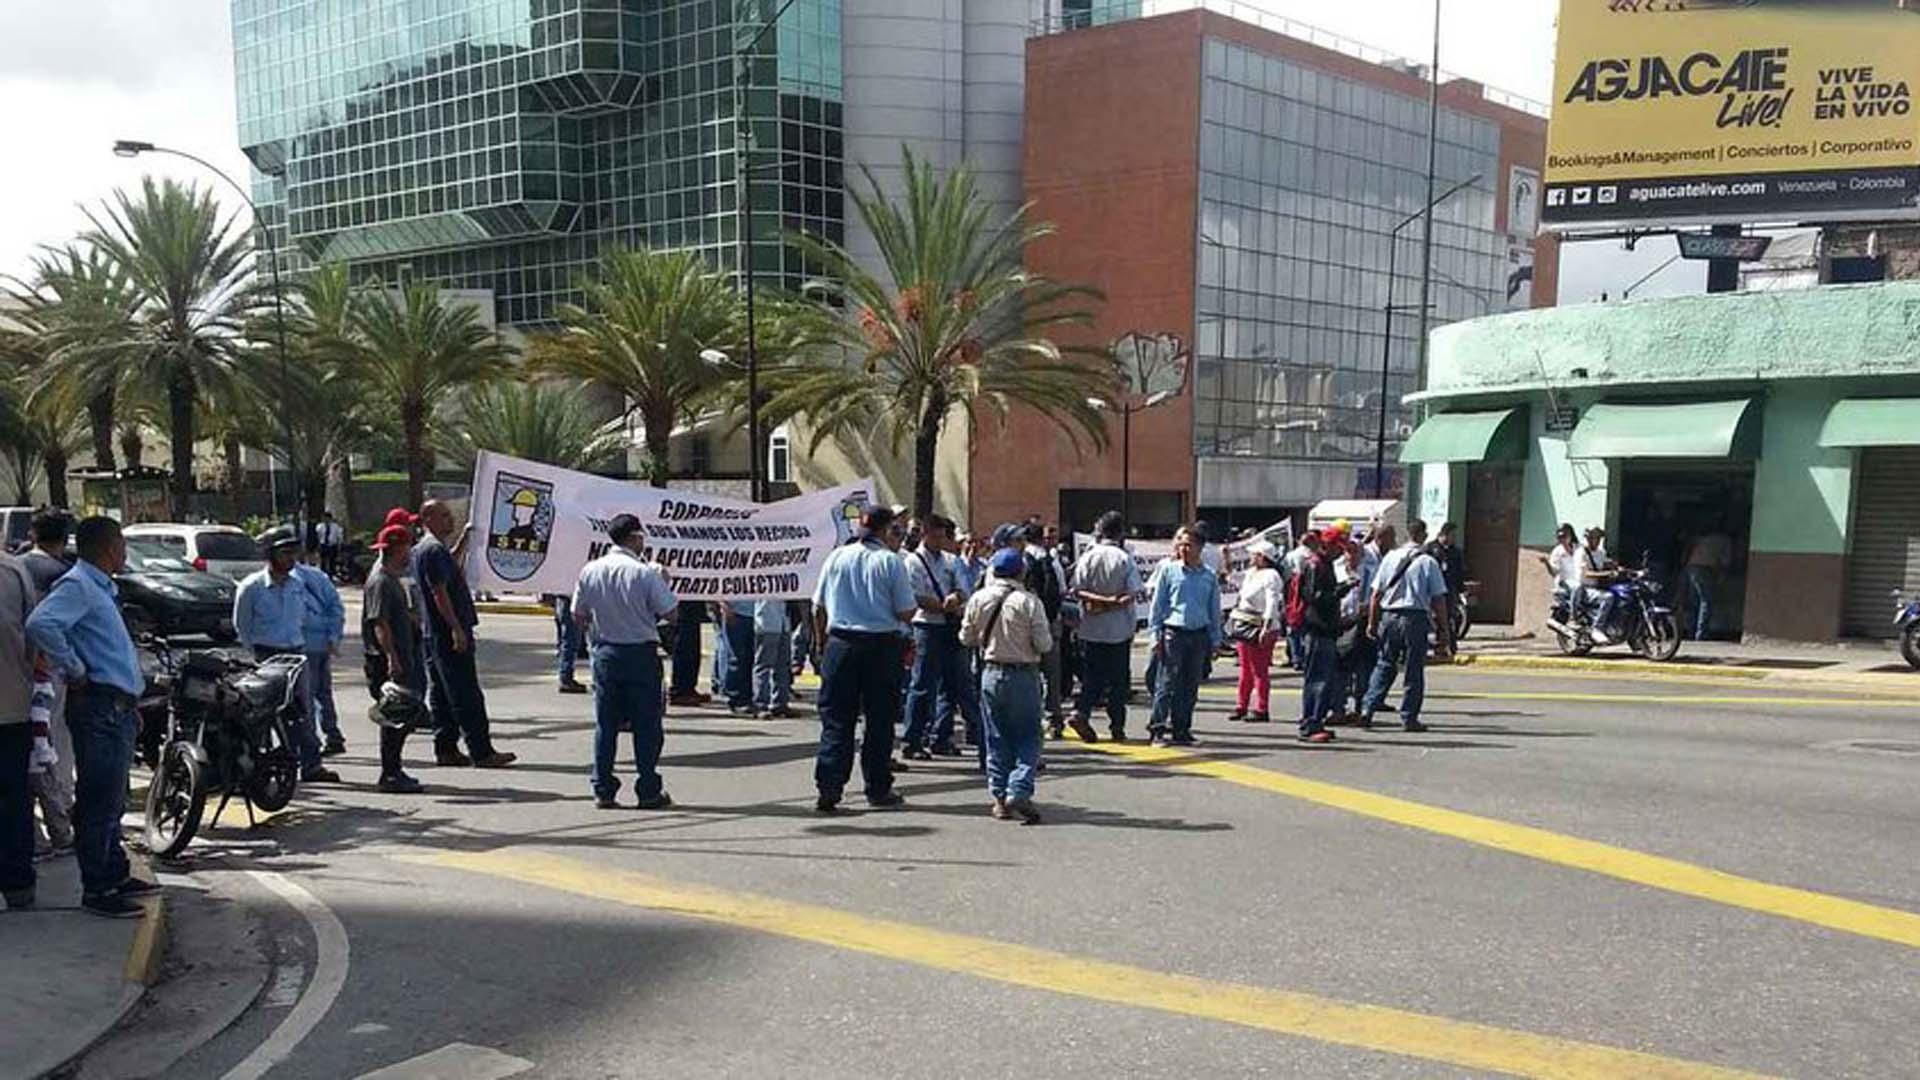 La protesta evitó el paso de vehículos en ambos sentidos a la altura de la estación del metro Chacao